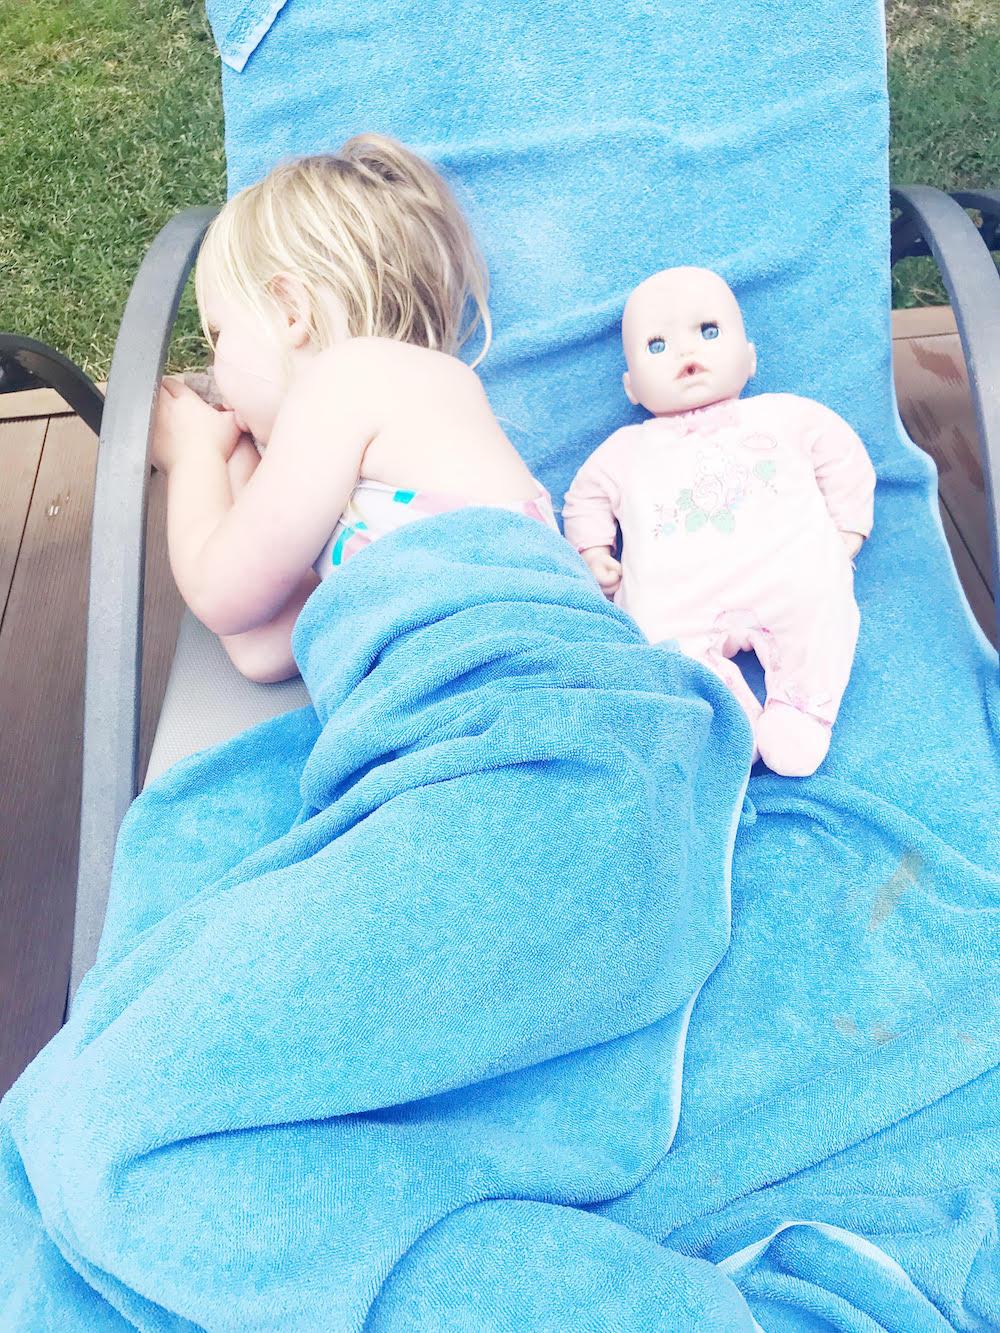 BABY ANNABELL; ONS NIEUWSTE FAMILIELID! + WINACTIE